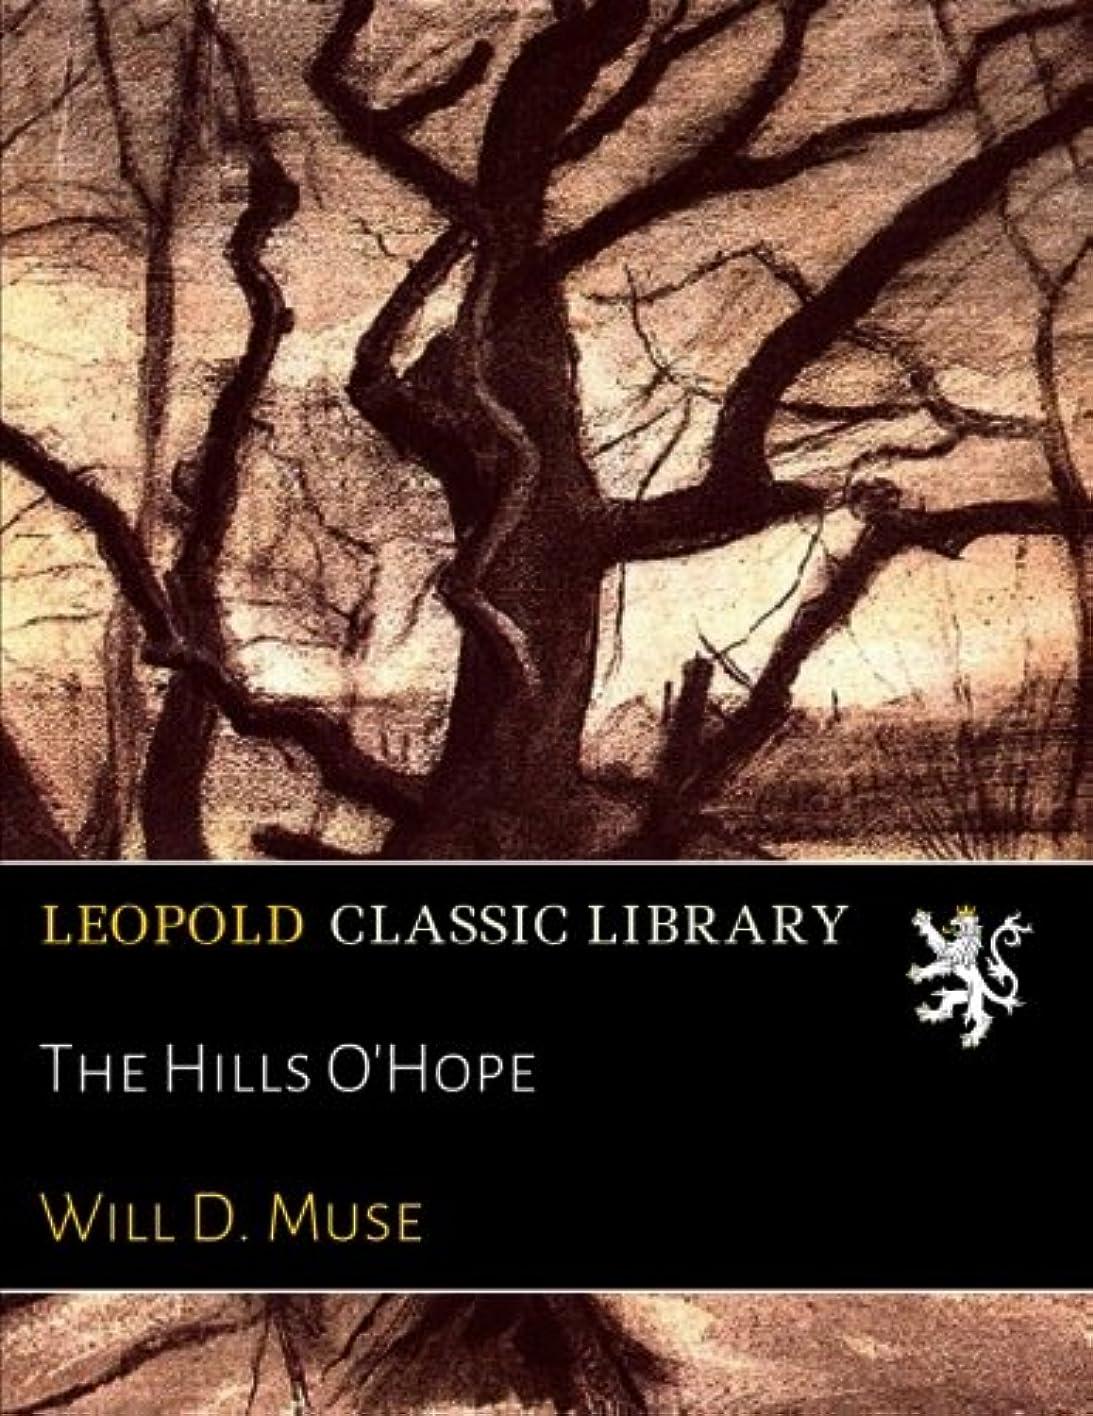 The Hills O'Hope